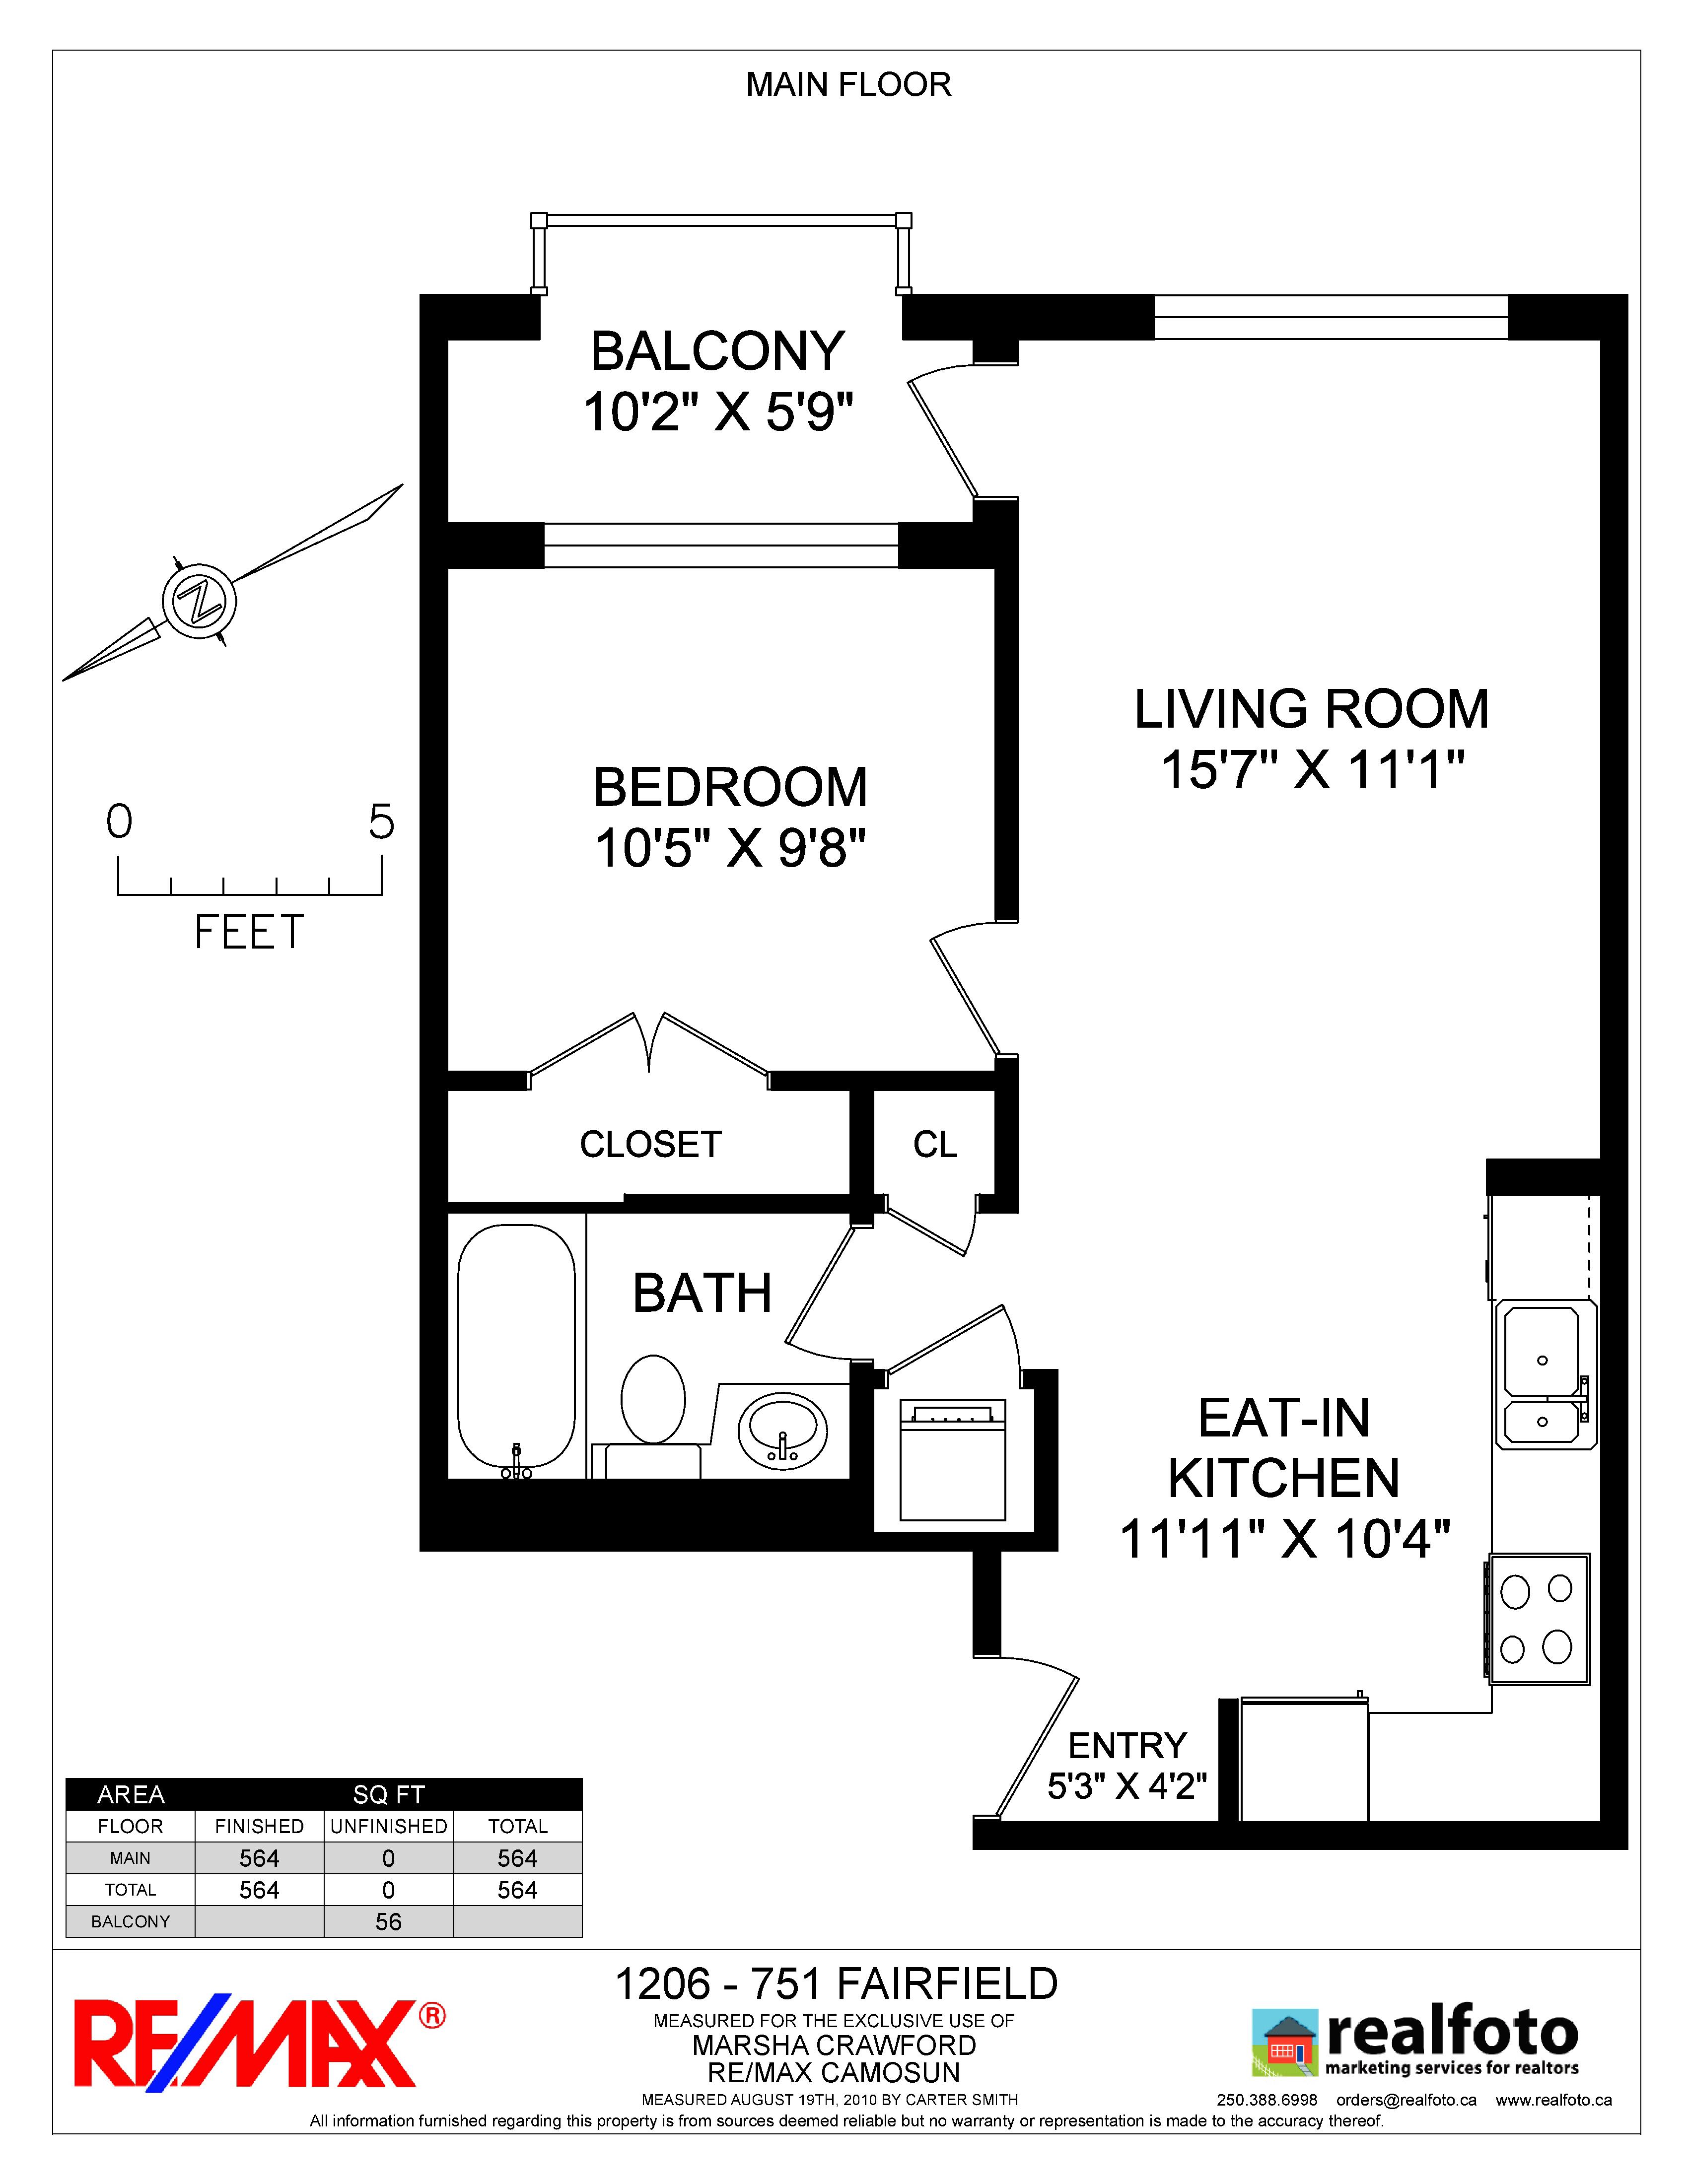 Fairfield rd 751 1206 floorplan v1 0